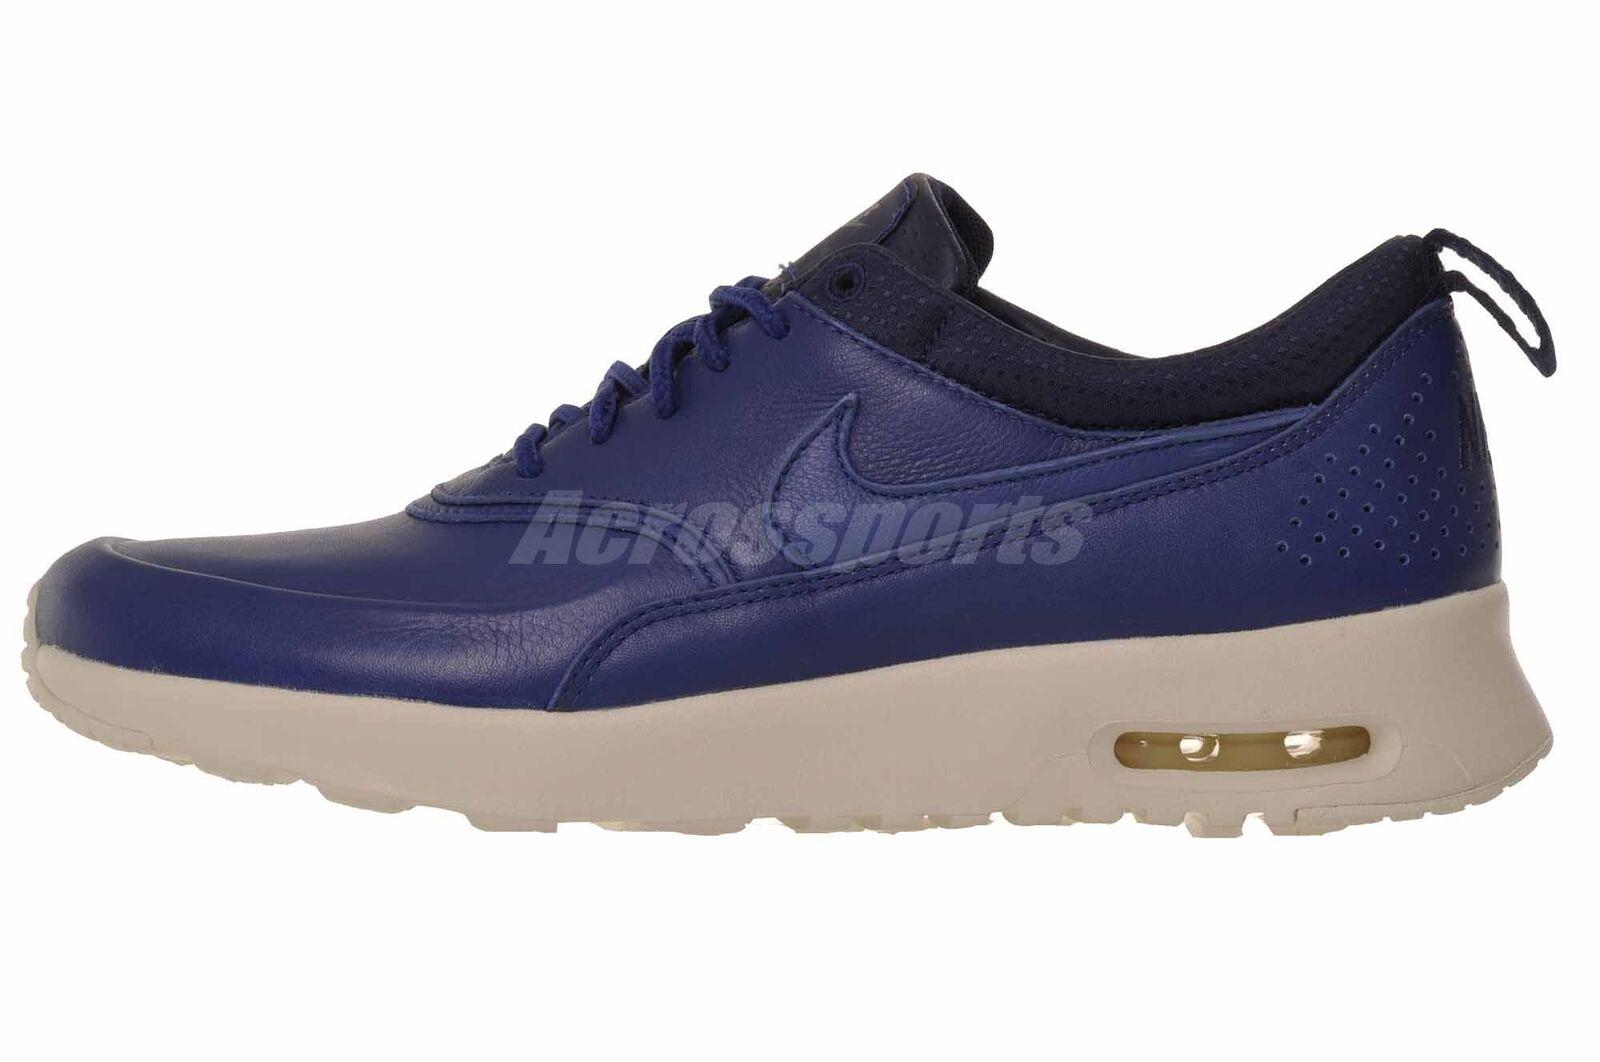 Nike Wmns Air Max Thea Pinnacle QS Womens Running Shoes Trainer NIB